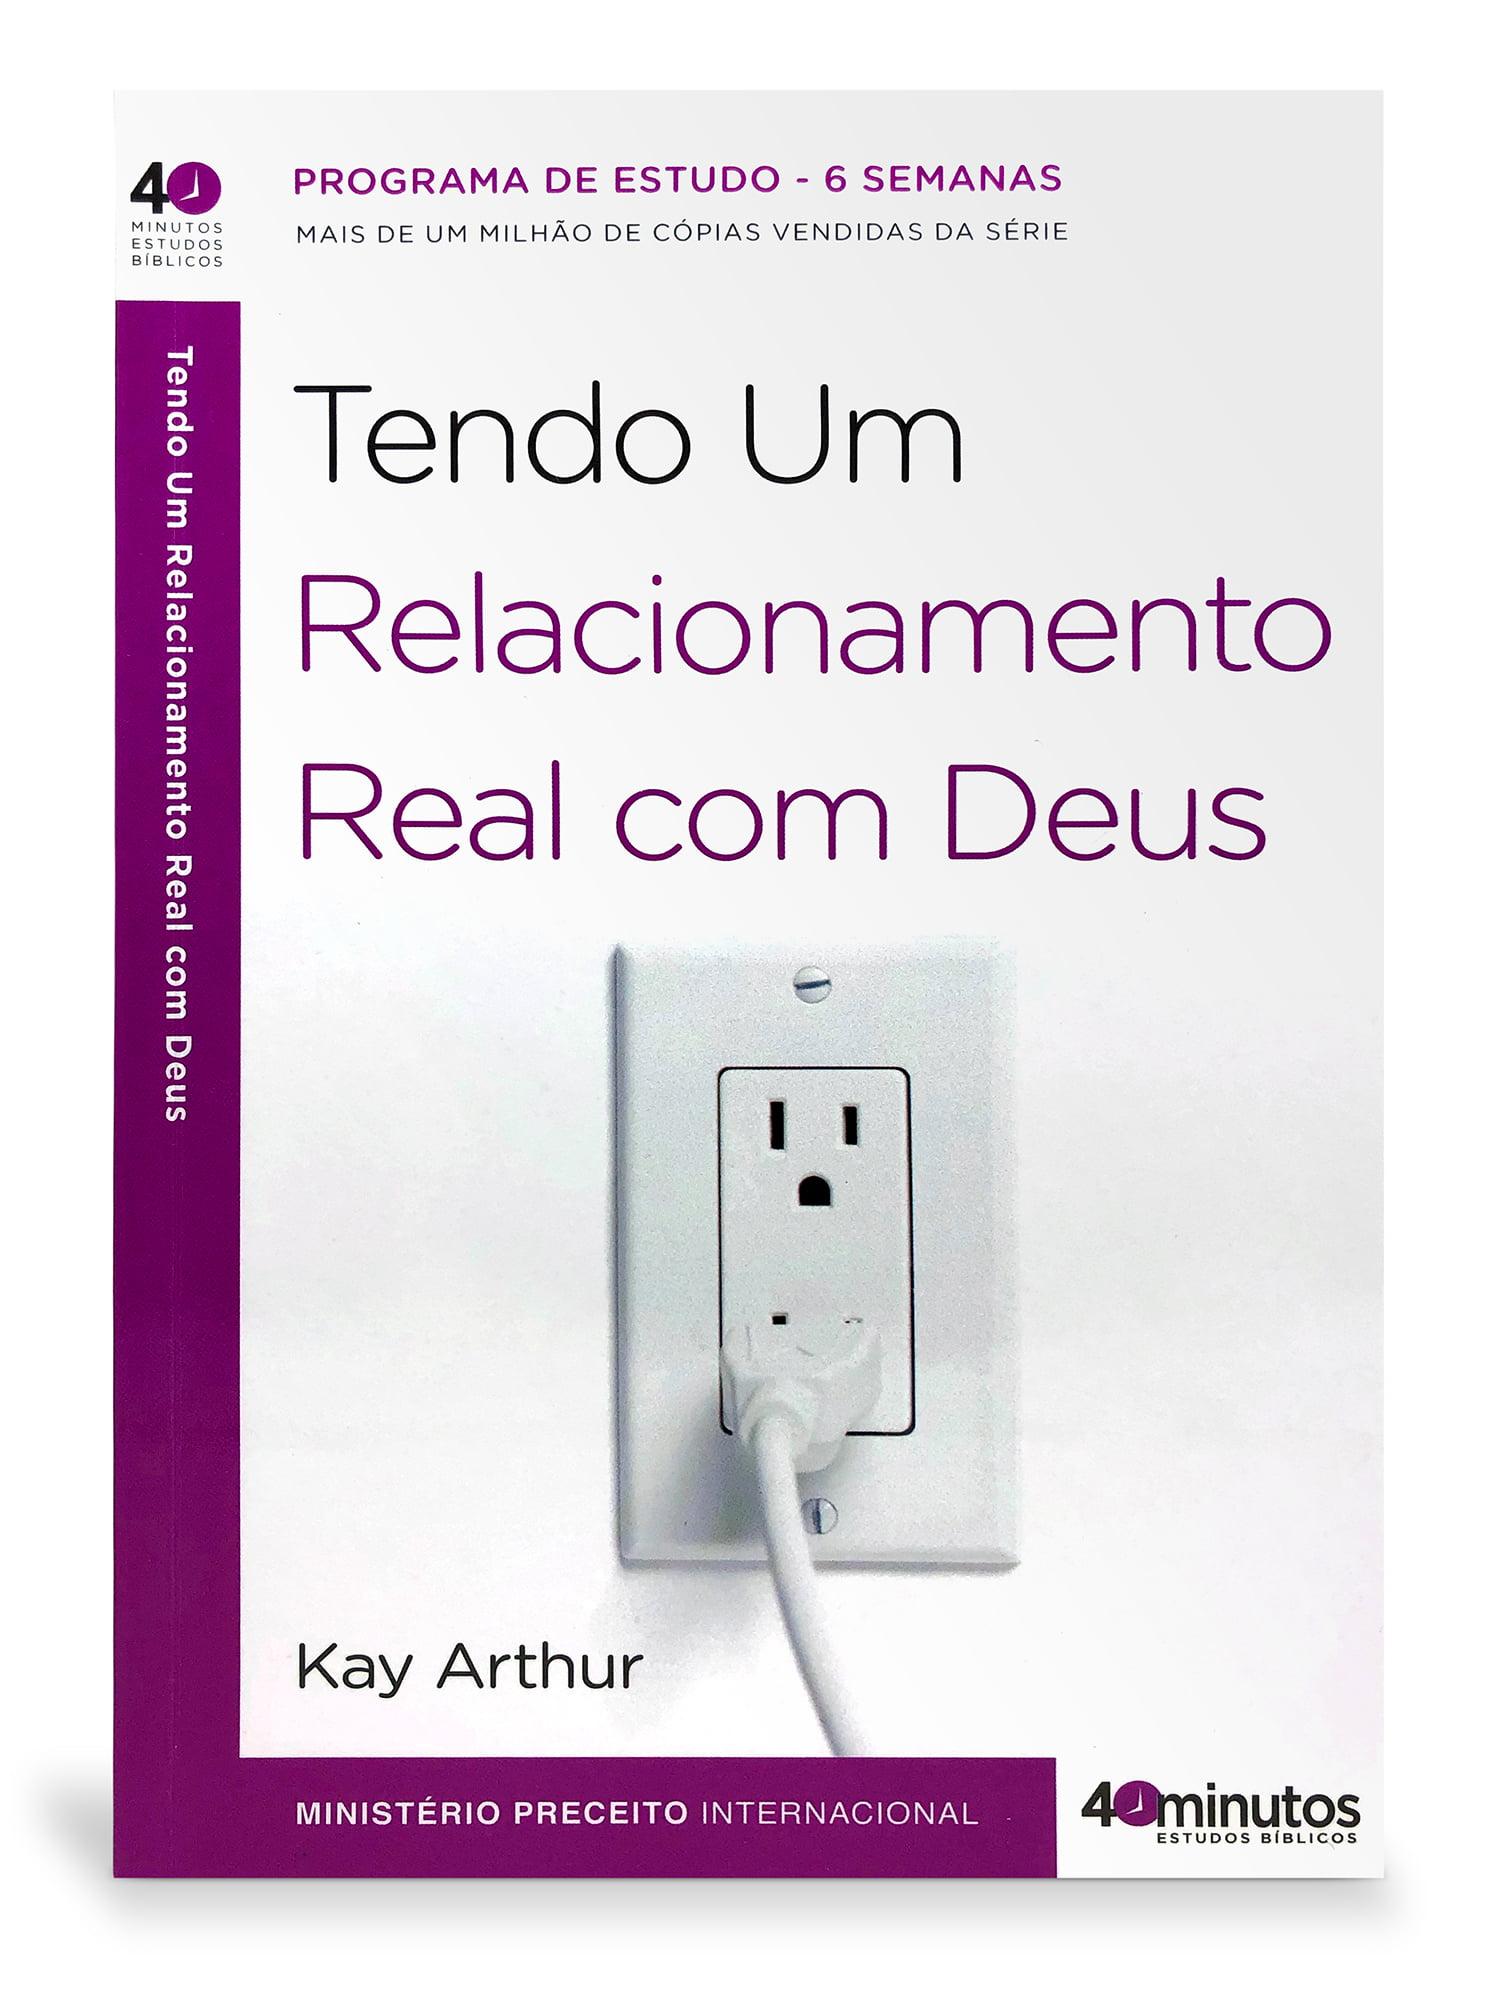 Tendo um Relacionamento Real com Deus